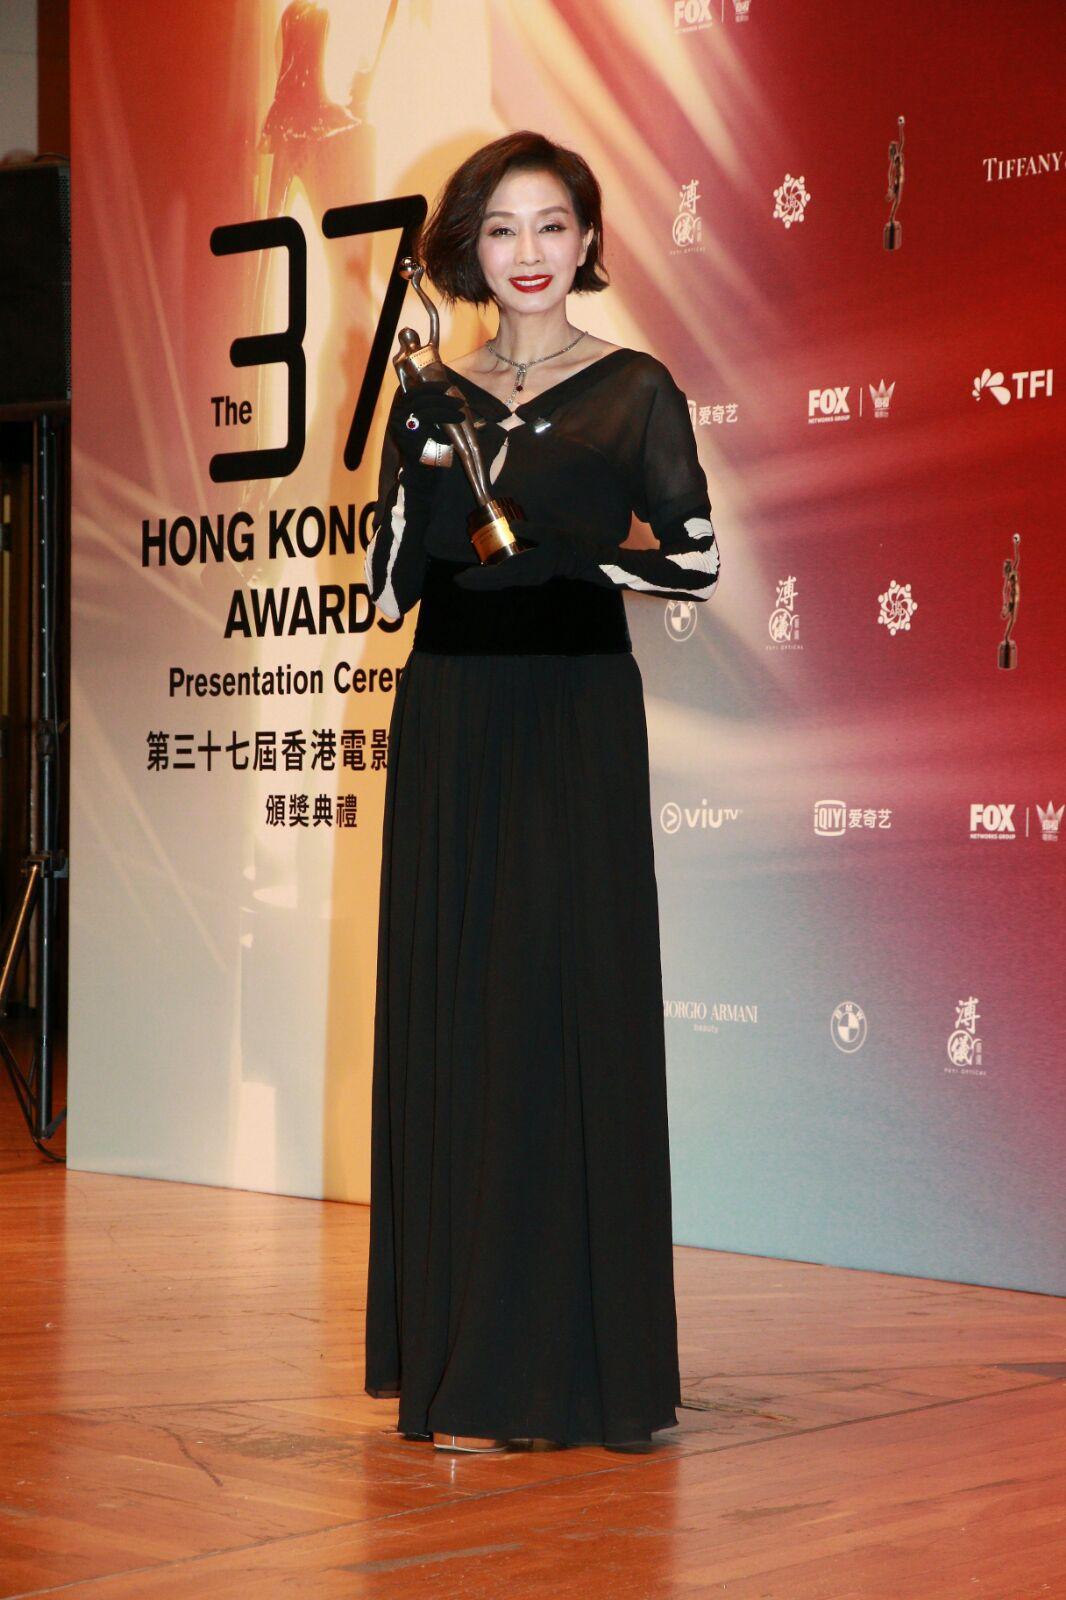 毛舜筠10年前奪「最佳女配角」,昨日獲「最佳女主角」,坦言作為演員覺得好圓滿。